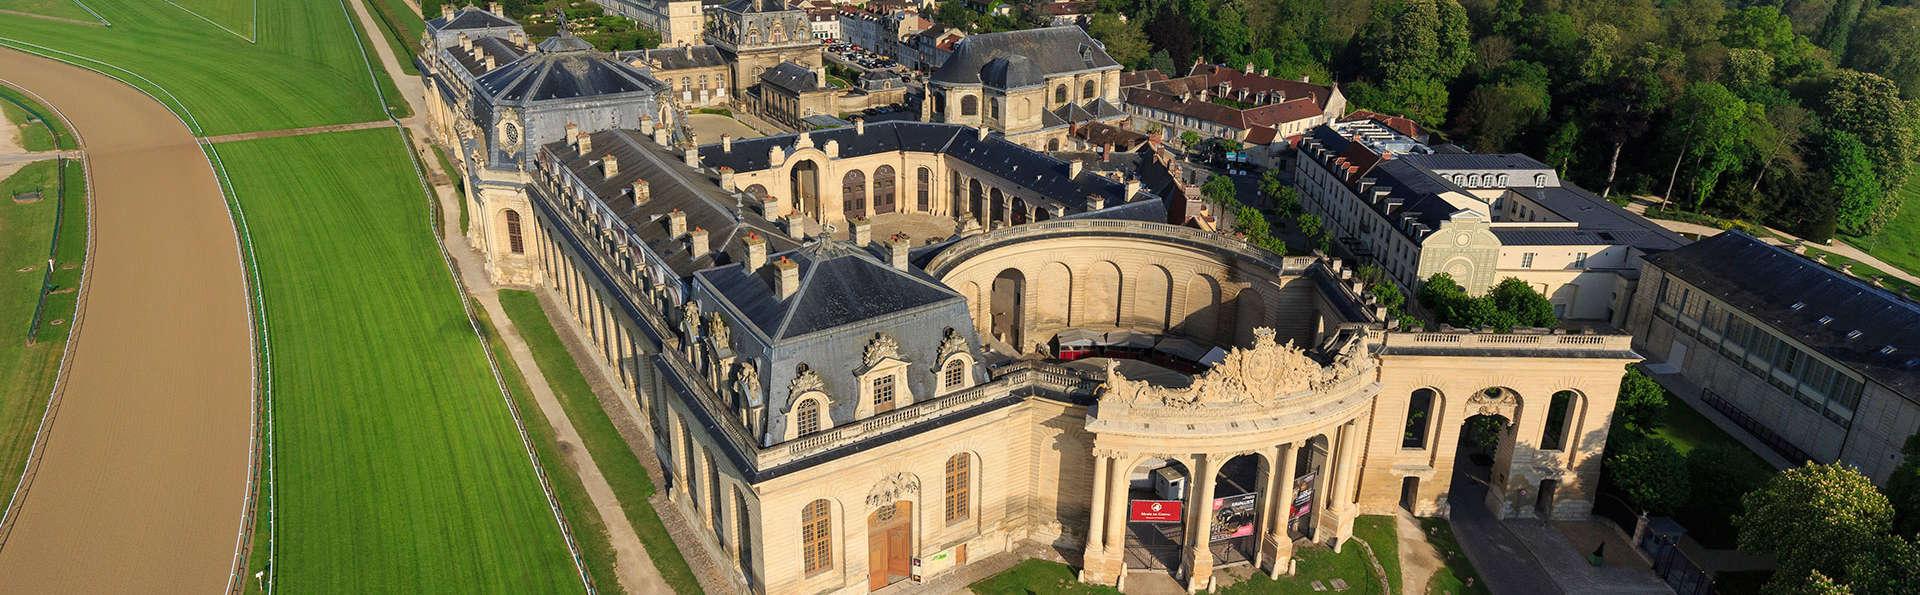 Week-end détente et découverte du Domaine de Chantilly